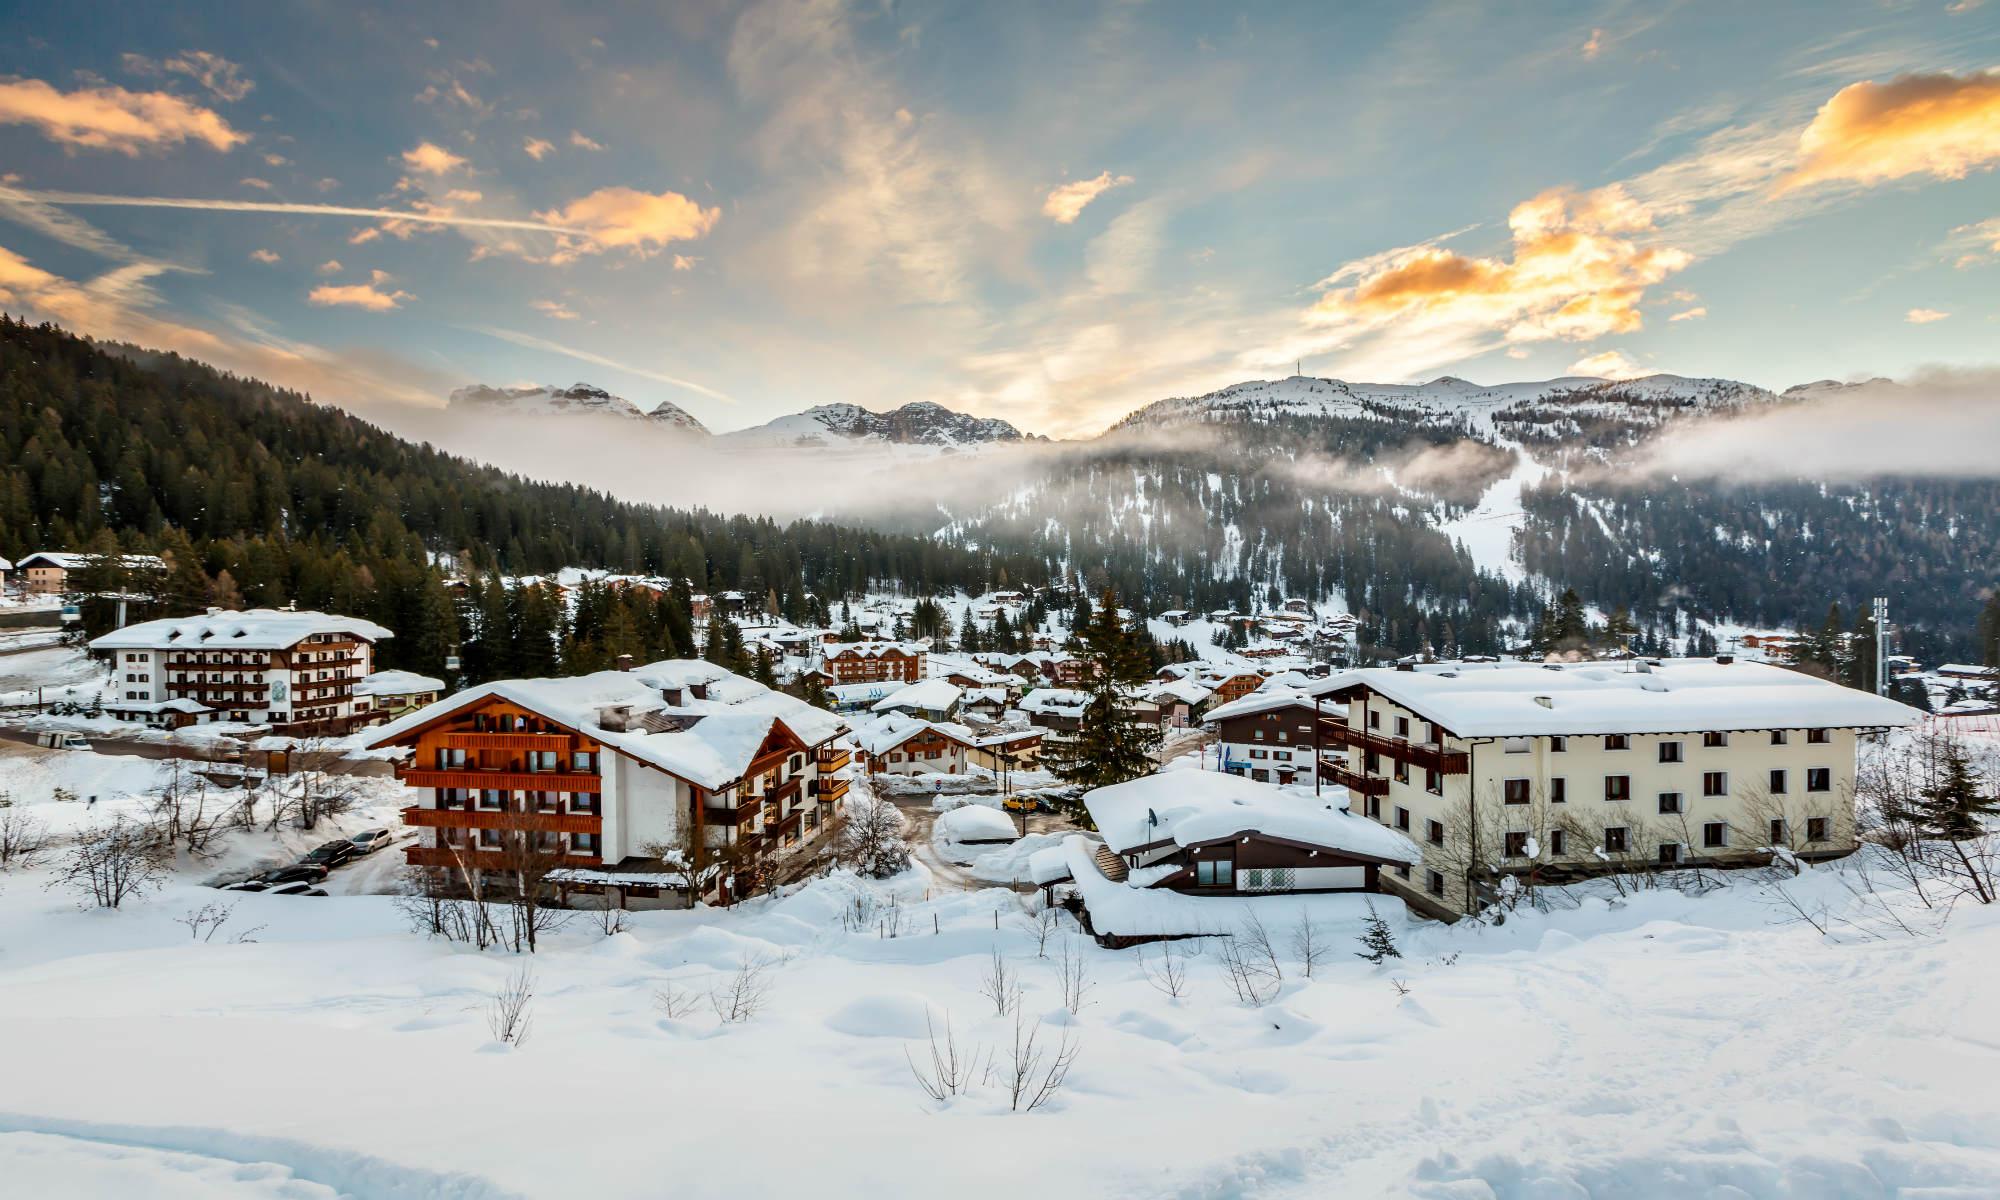 Il sole sorge dietro le Dolomiti, illuminando il paese di Madonna di Campiglio.